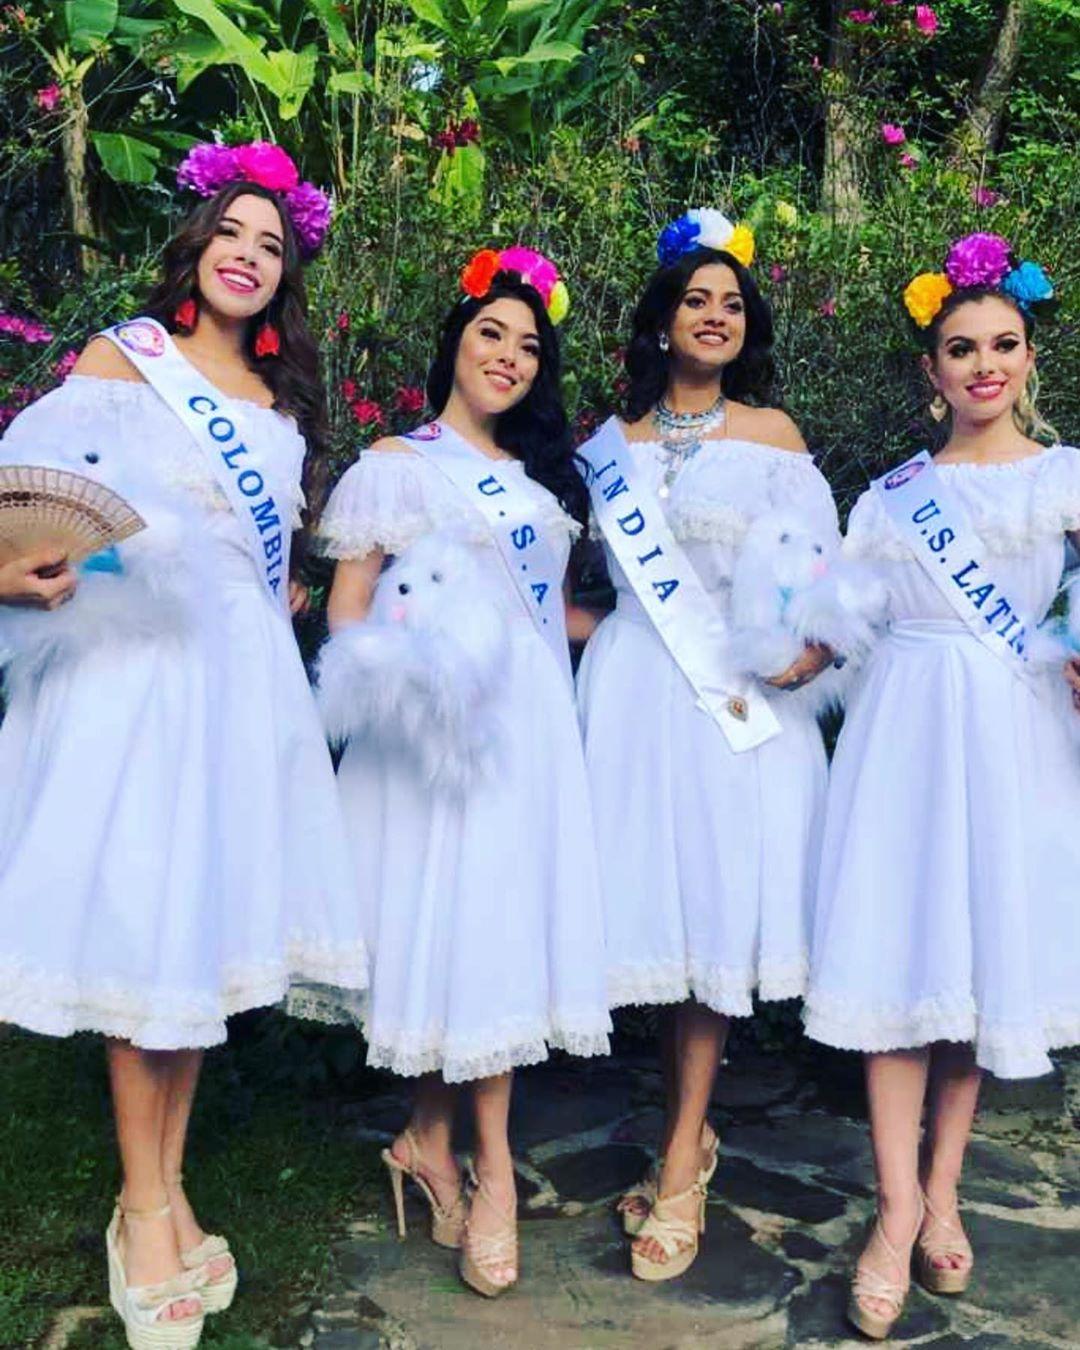 maya mejia ospina, miss teen mundial colombia 2019. - Página 2 61131810